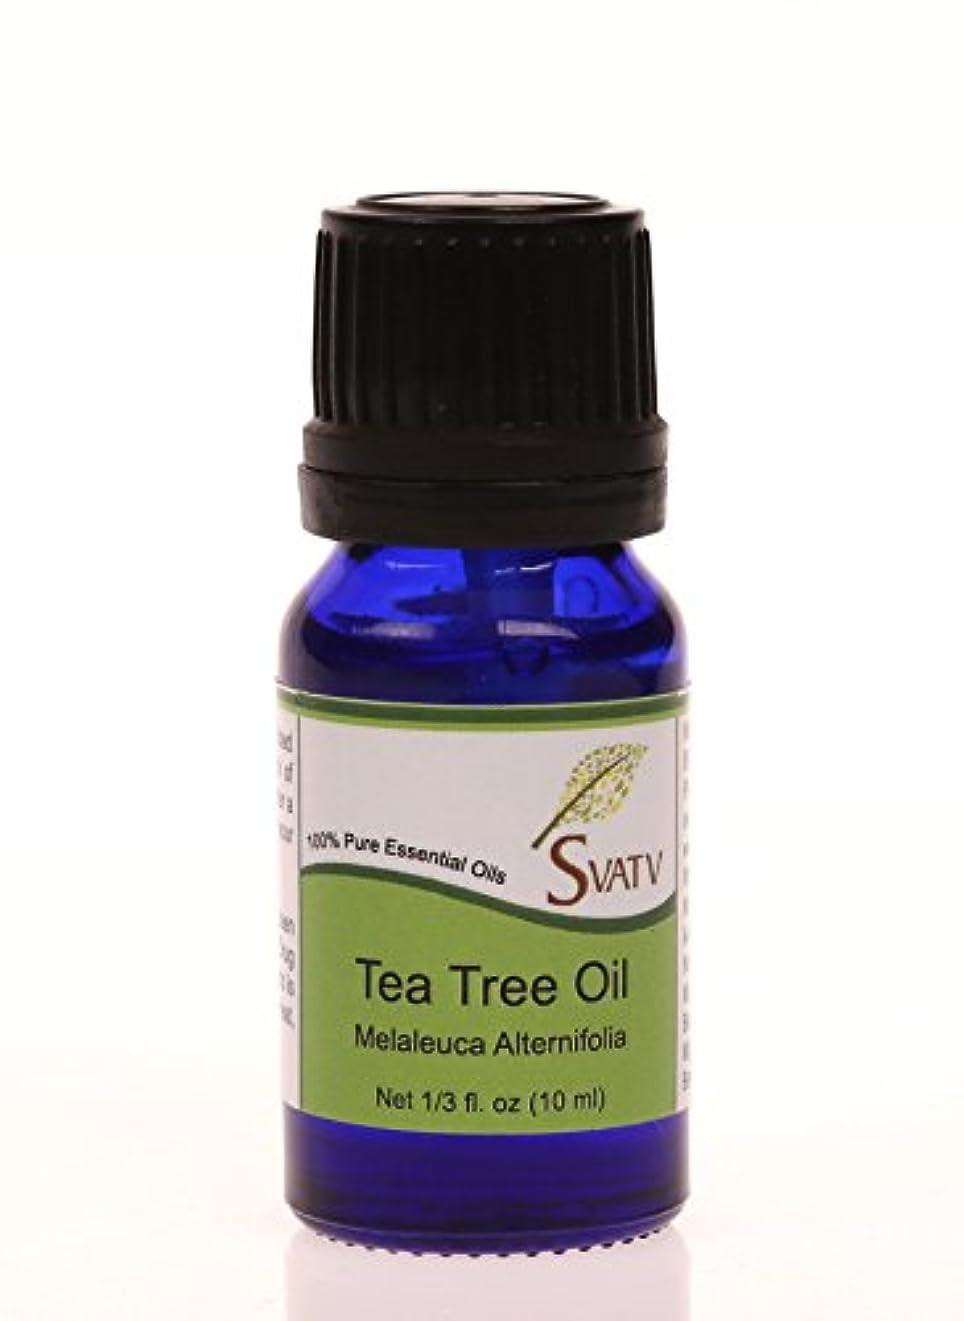 眠いです離婚結晶SVATVティーツリー(Melaleuca alternifolia)エッセンシャルオイル10mL(1/3オンス)100%純粋な、希釈されていない、治療グレード